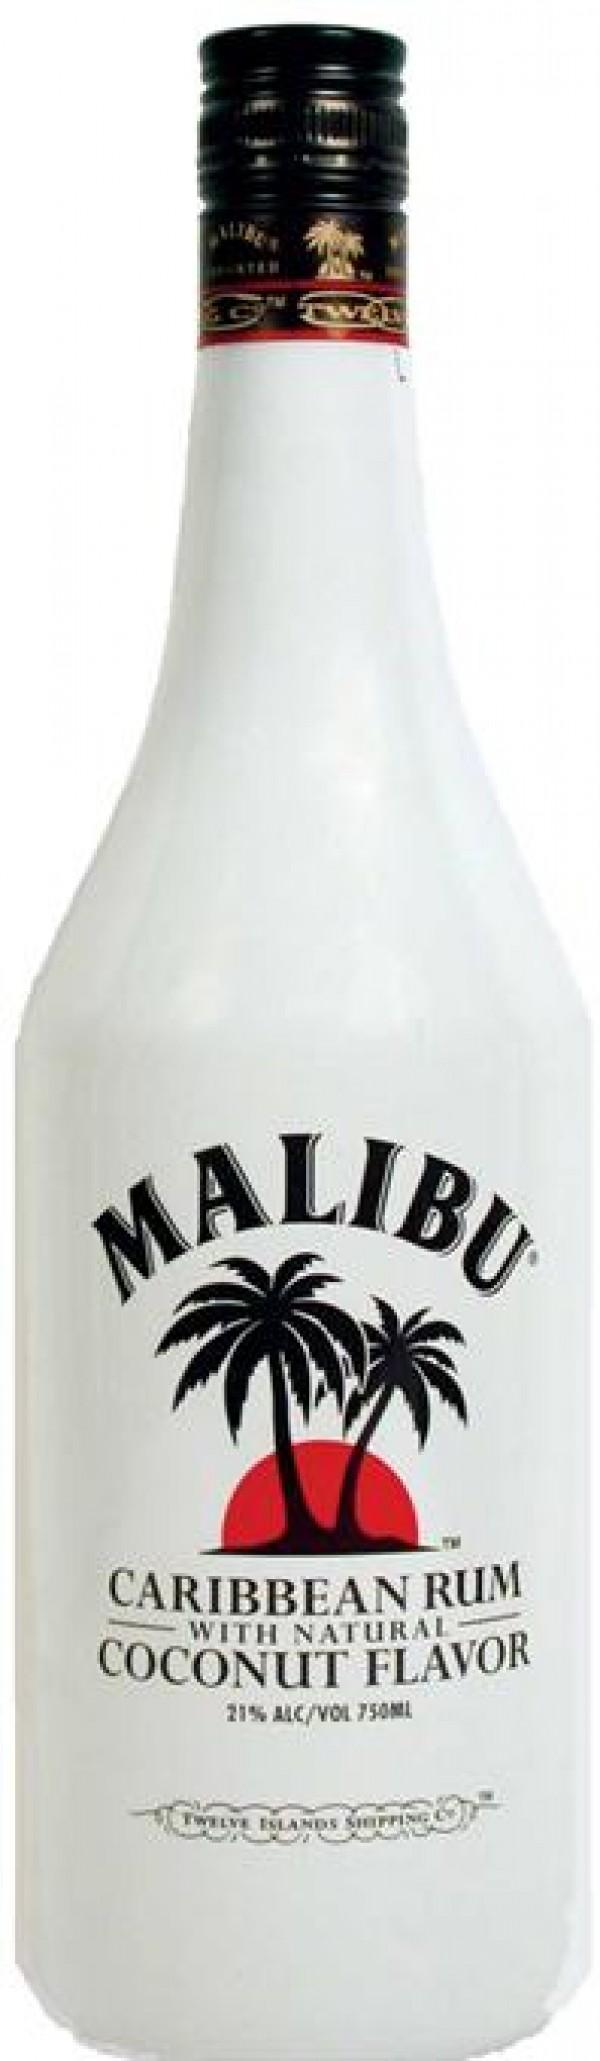 Malibu Rum Original With Coconut